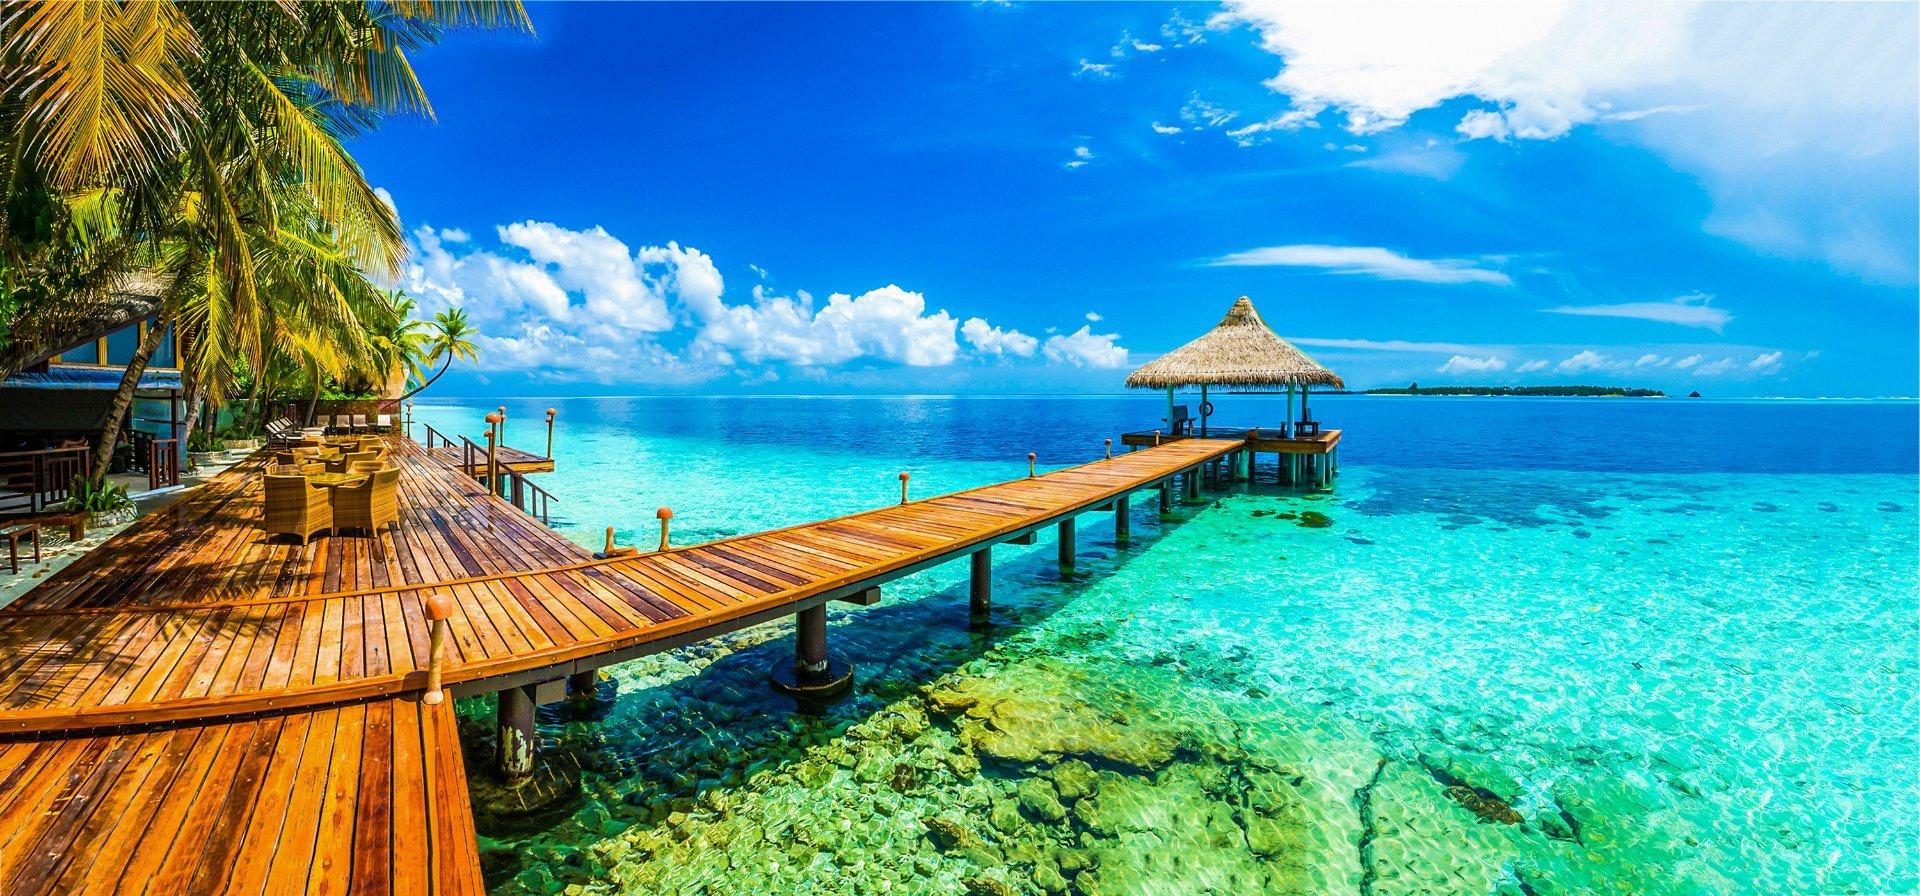 MALDIVAS EN VUELO DIRECTO DE IBERIA - SALIDA MIÉRCOLES